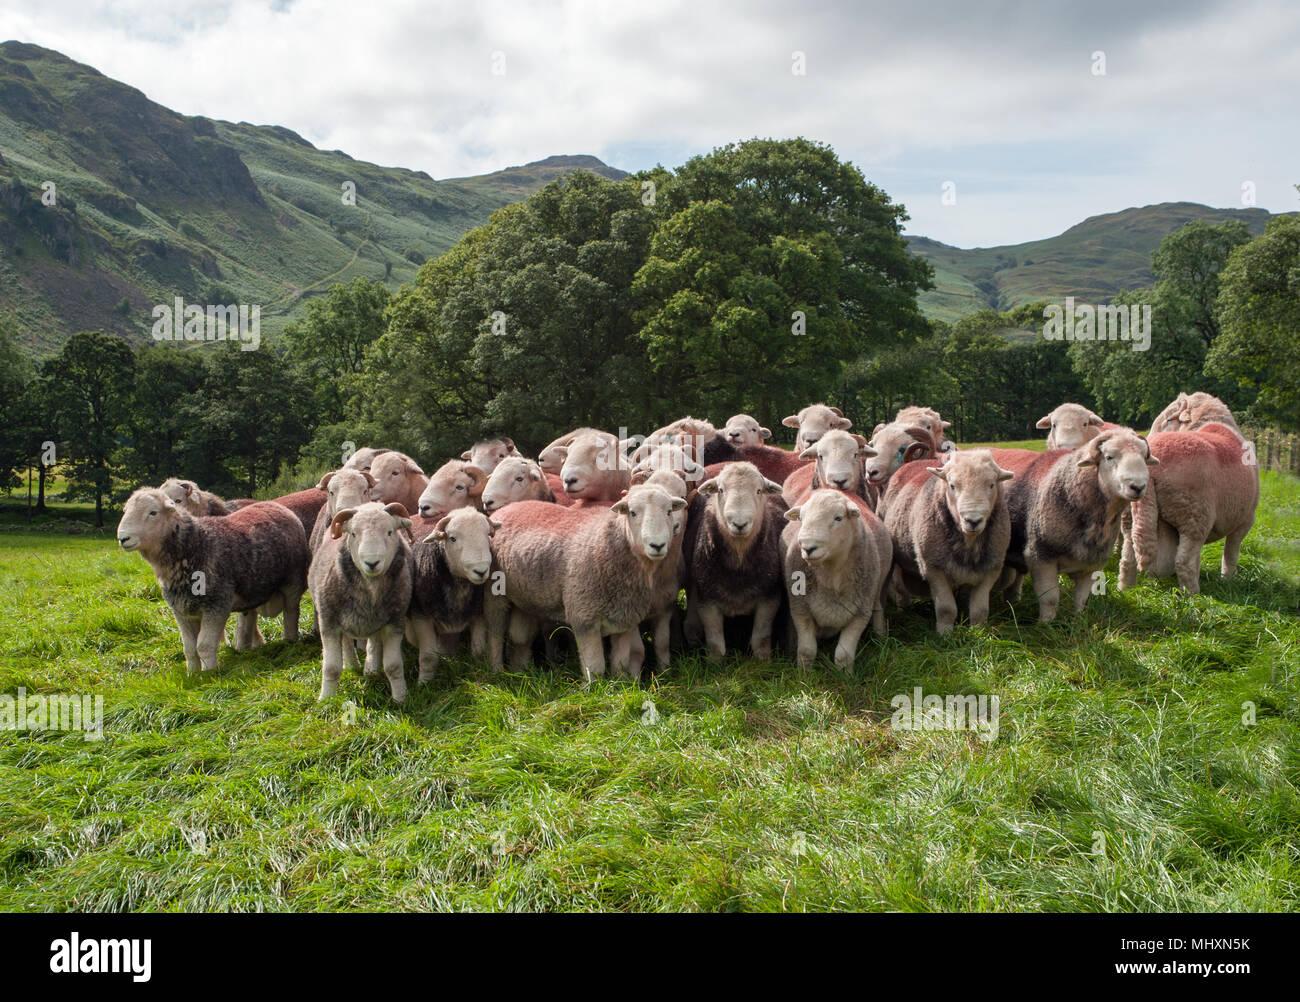 Herdwick rams in Eskdale, West Cumbria, vicino Scafell Pike, la montagna più alta d'Inghilterra, nel distretto del lago. Immagini Stock